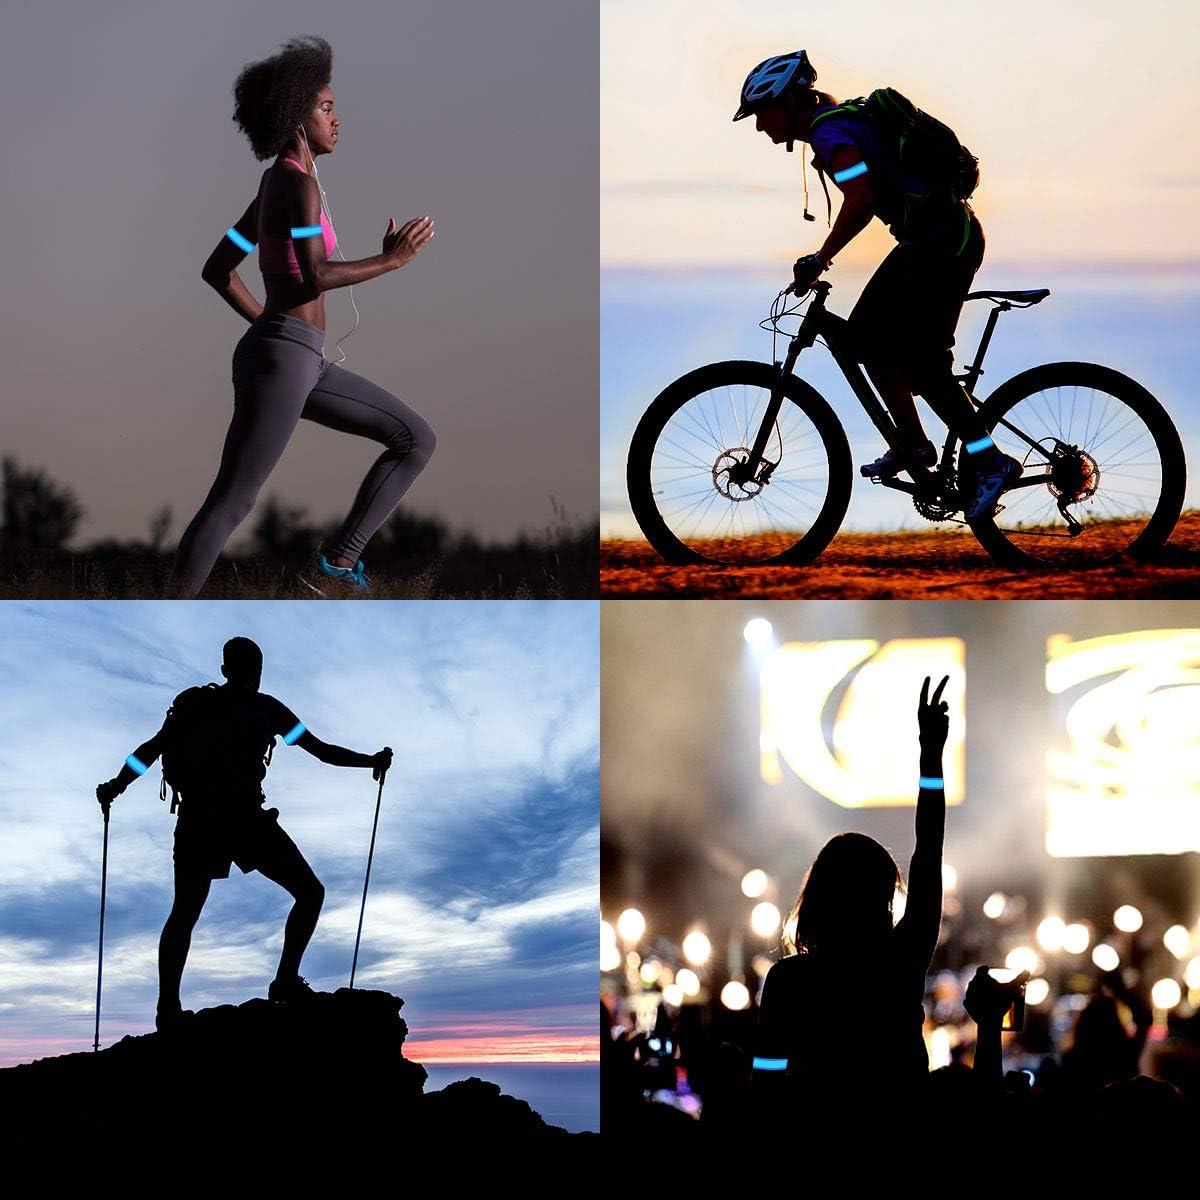 Leuchtarmband Reflektorband Laufen Reflektor Dusor LED Leuchtband Jogger Laufen Licht f/ür Handgelenk Lauflicht LED Reflektoren Joggen Sicherheitslicht Kinder Bein Kn/öchel Arm